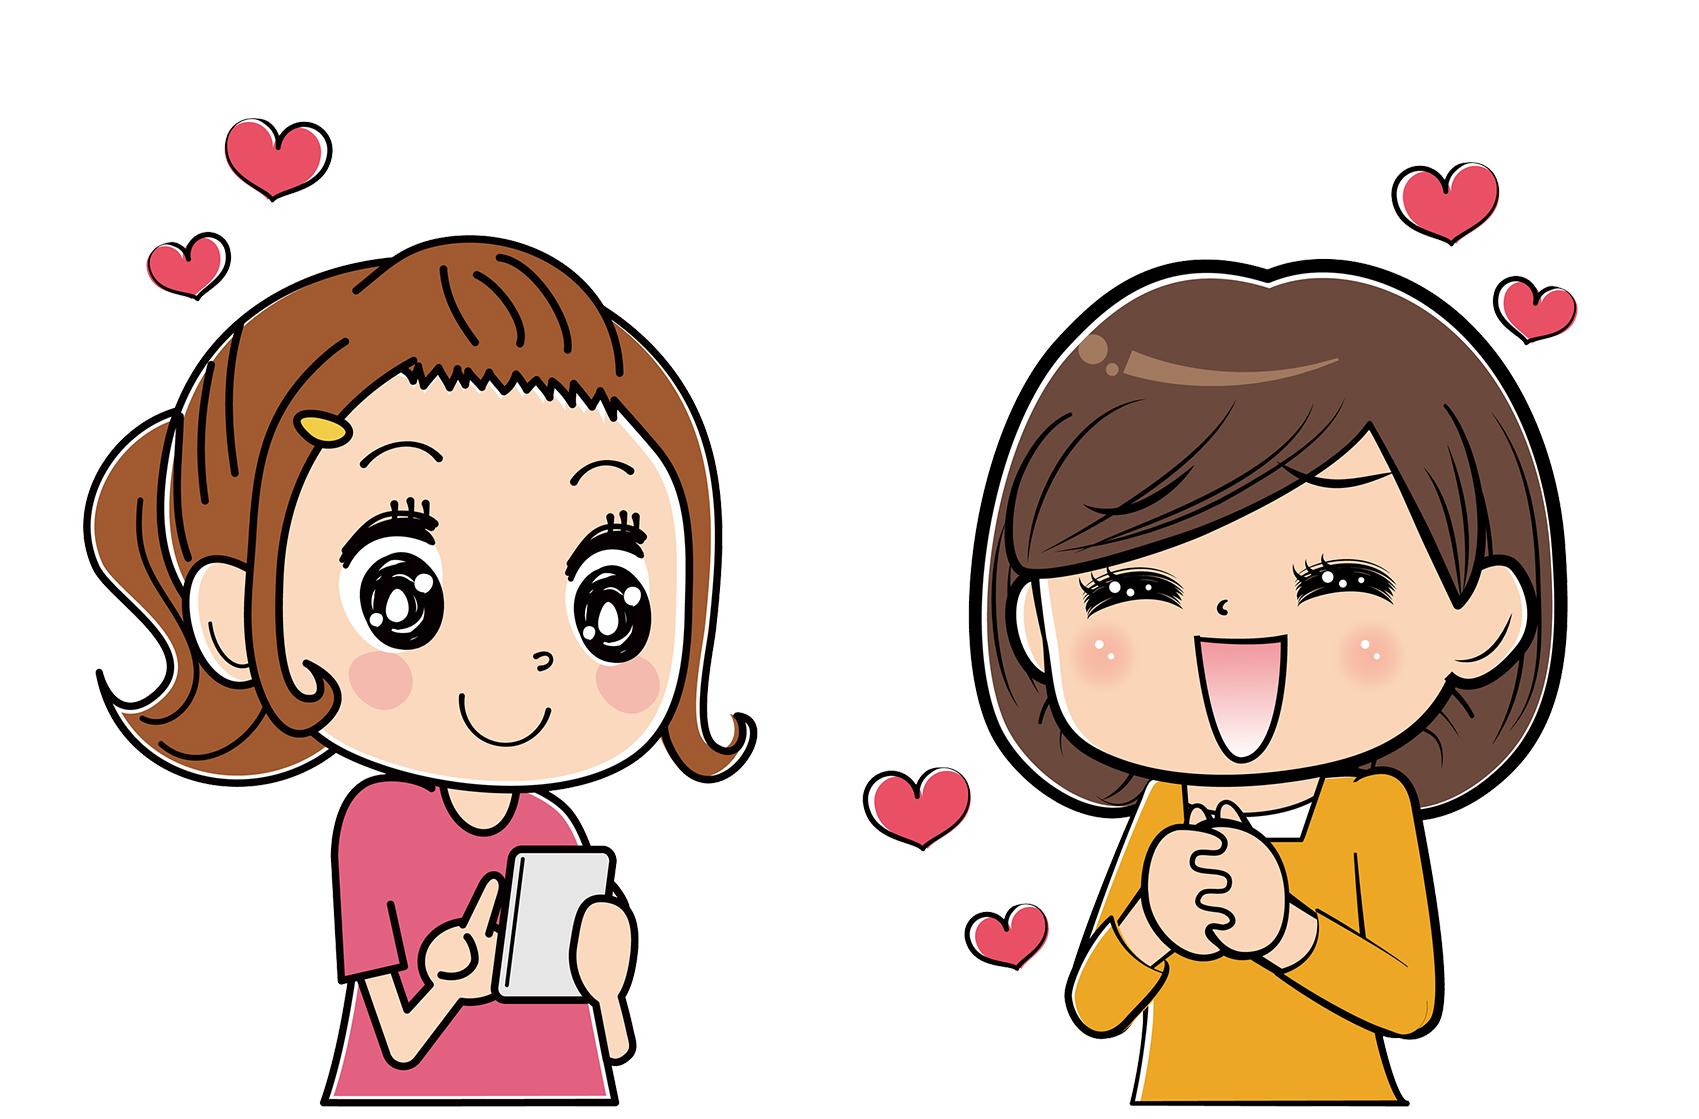 街コンレポート_女性同士で携帯を操作しながら喜んでいるイラストです